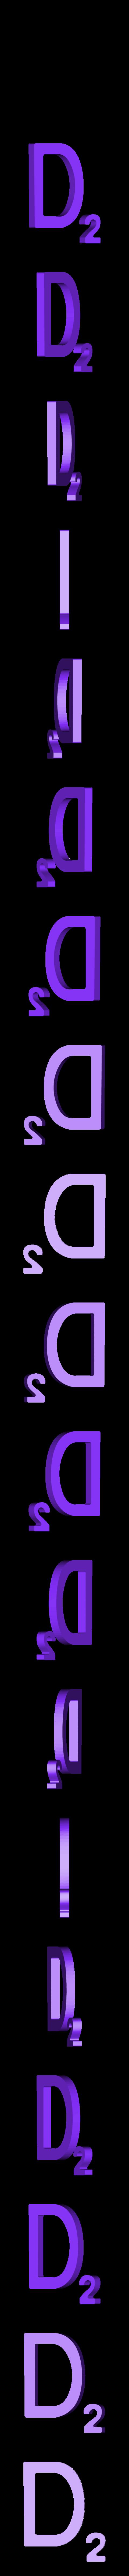 Dual_Letter_D.STL Télécharger fichier STL gratuit Pièces et support SCRABBBLE • Design pour imprimante 3D, Balkhagal4D